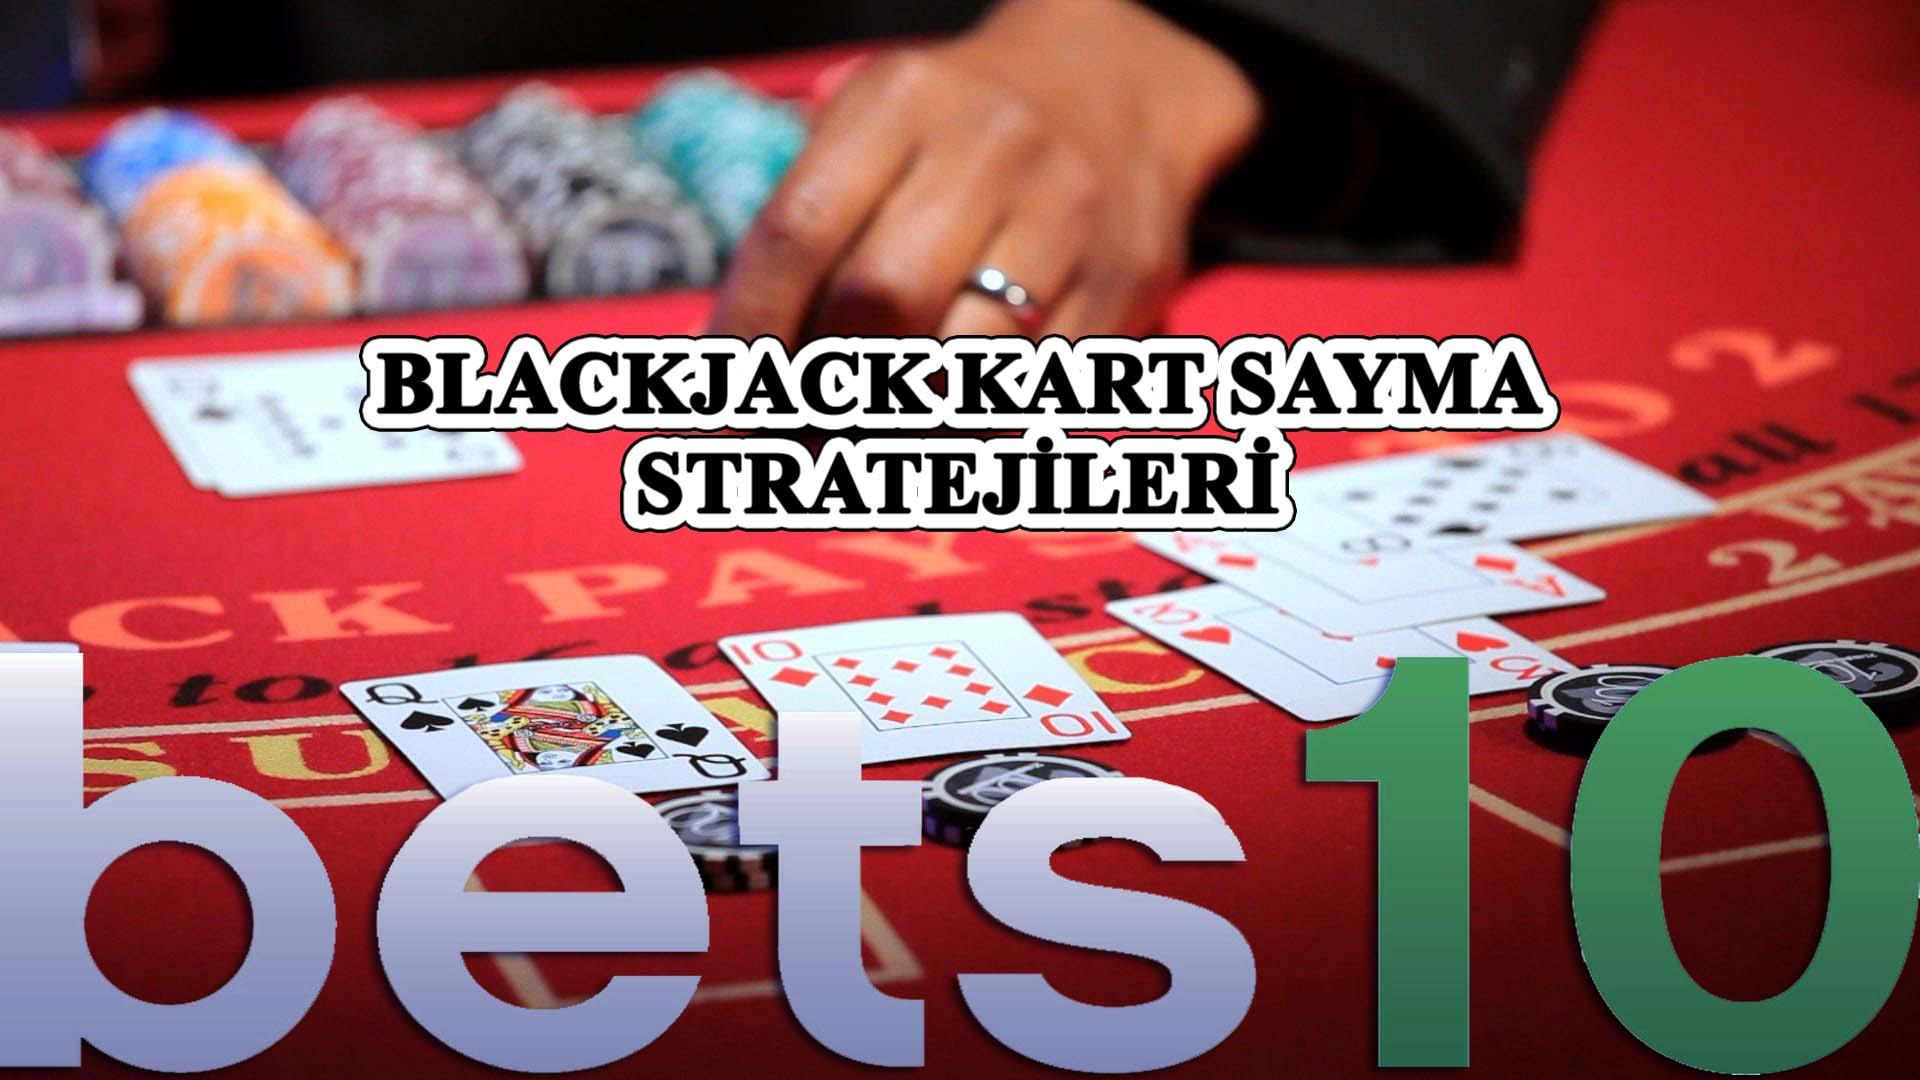 Trucchi slot machine comma 6a